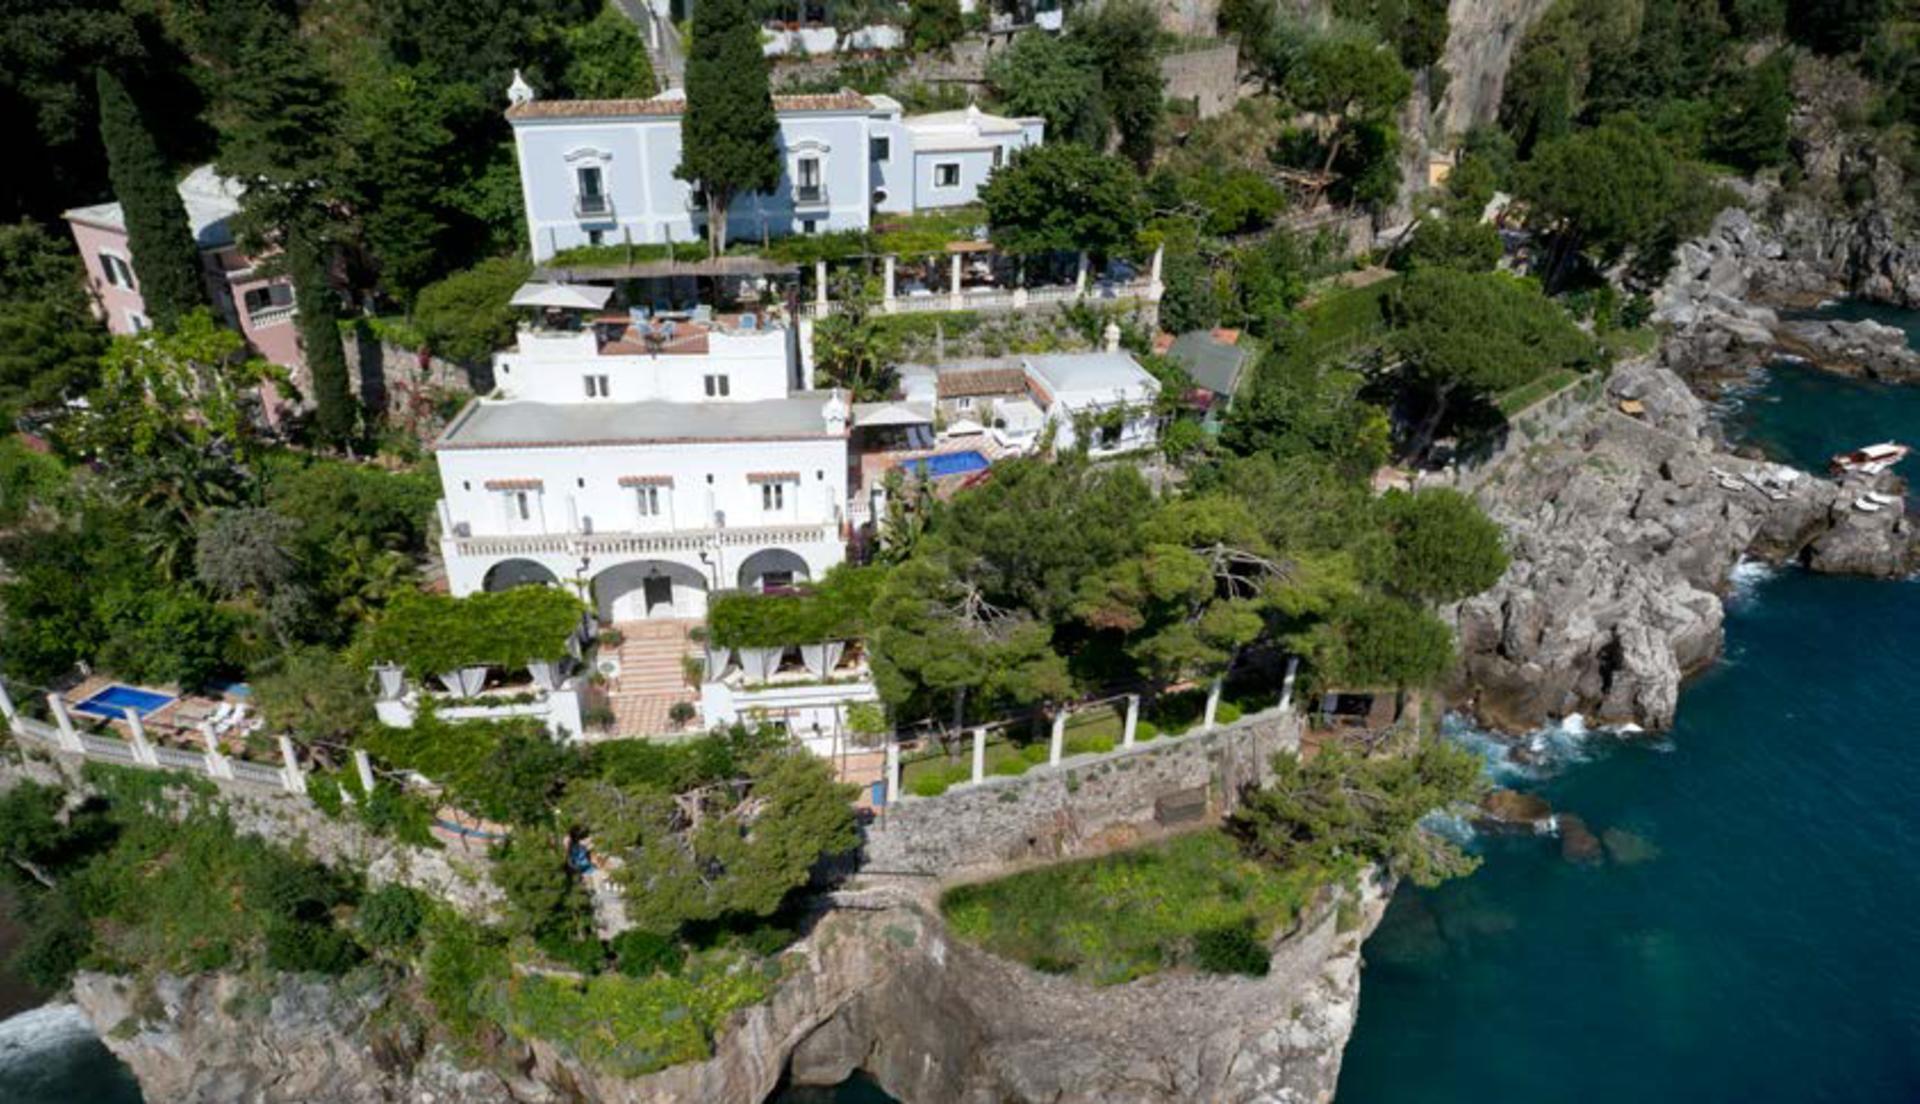 Villa from Above 2, La Divina, Positano, Amalfi Coast Campania.